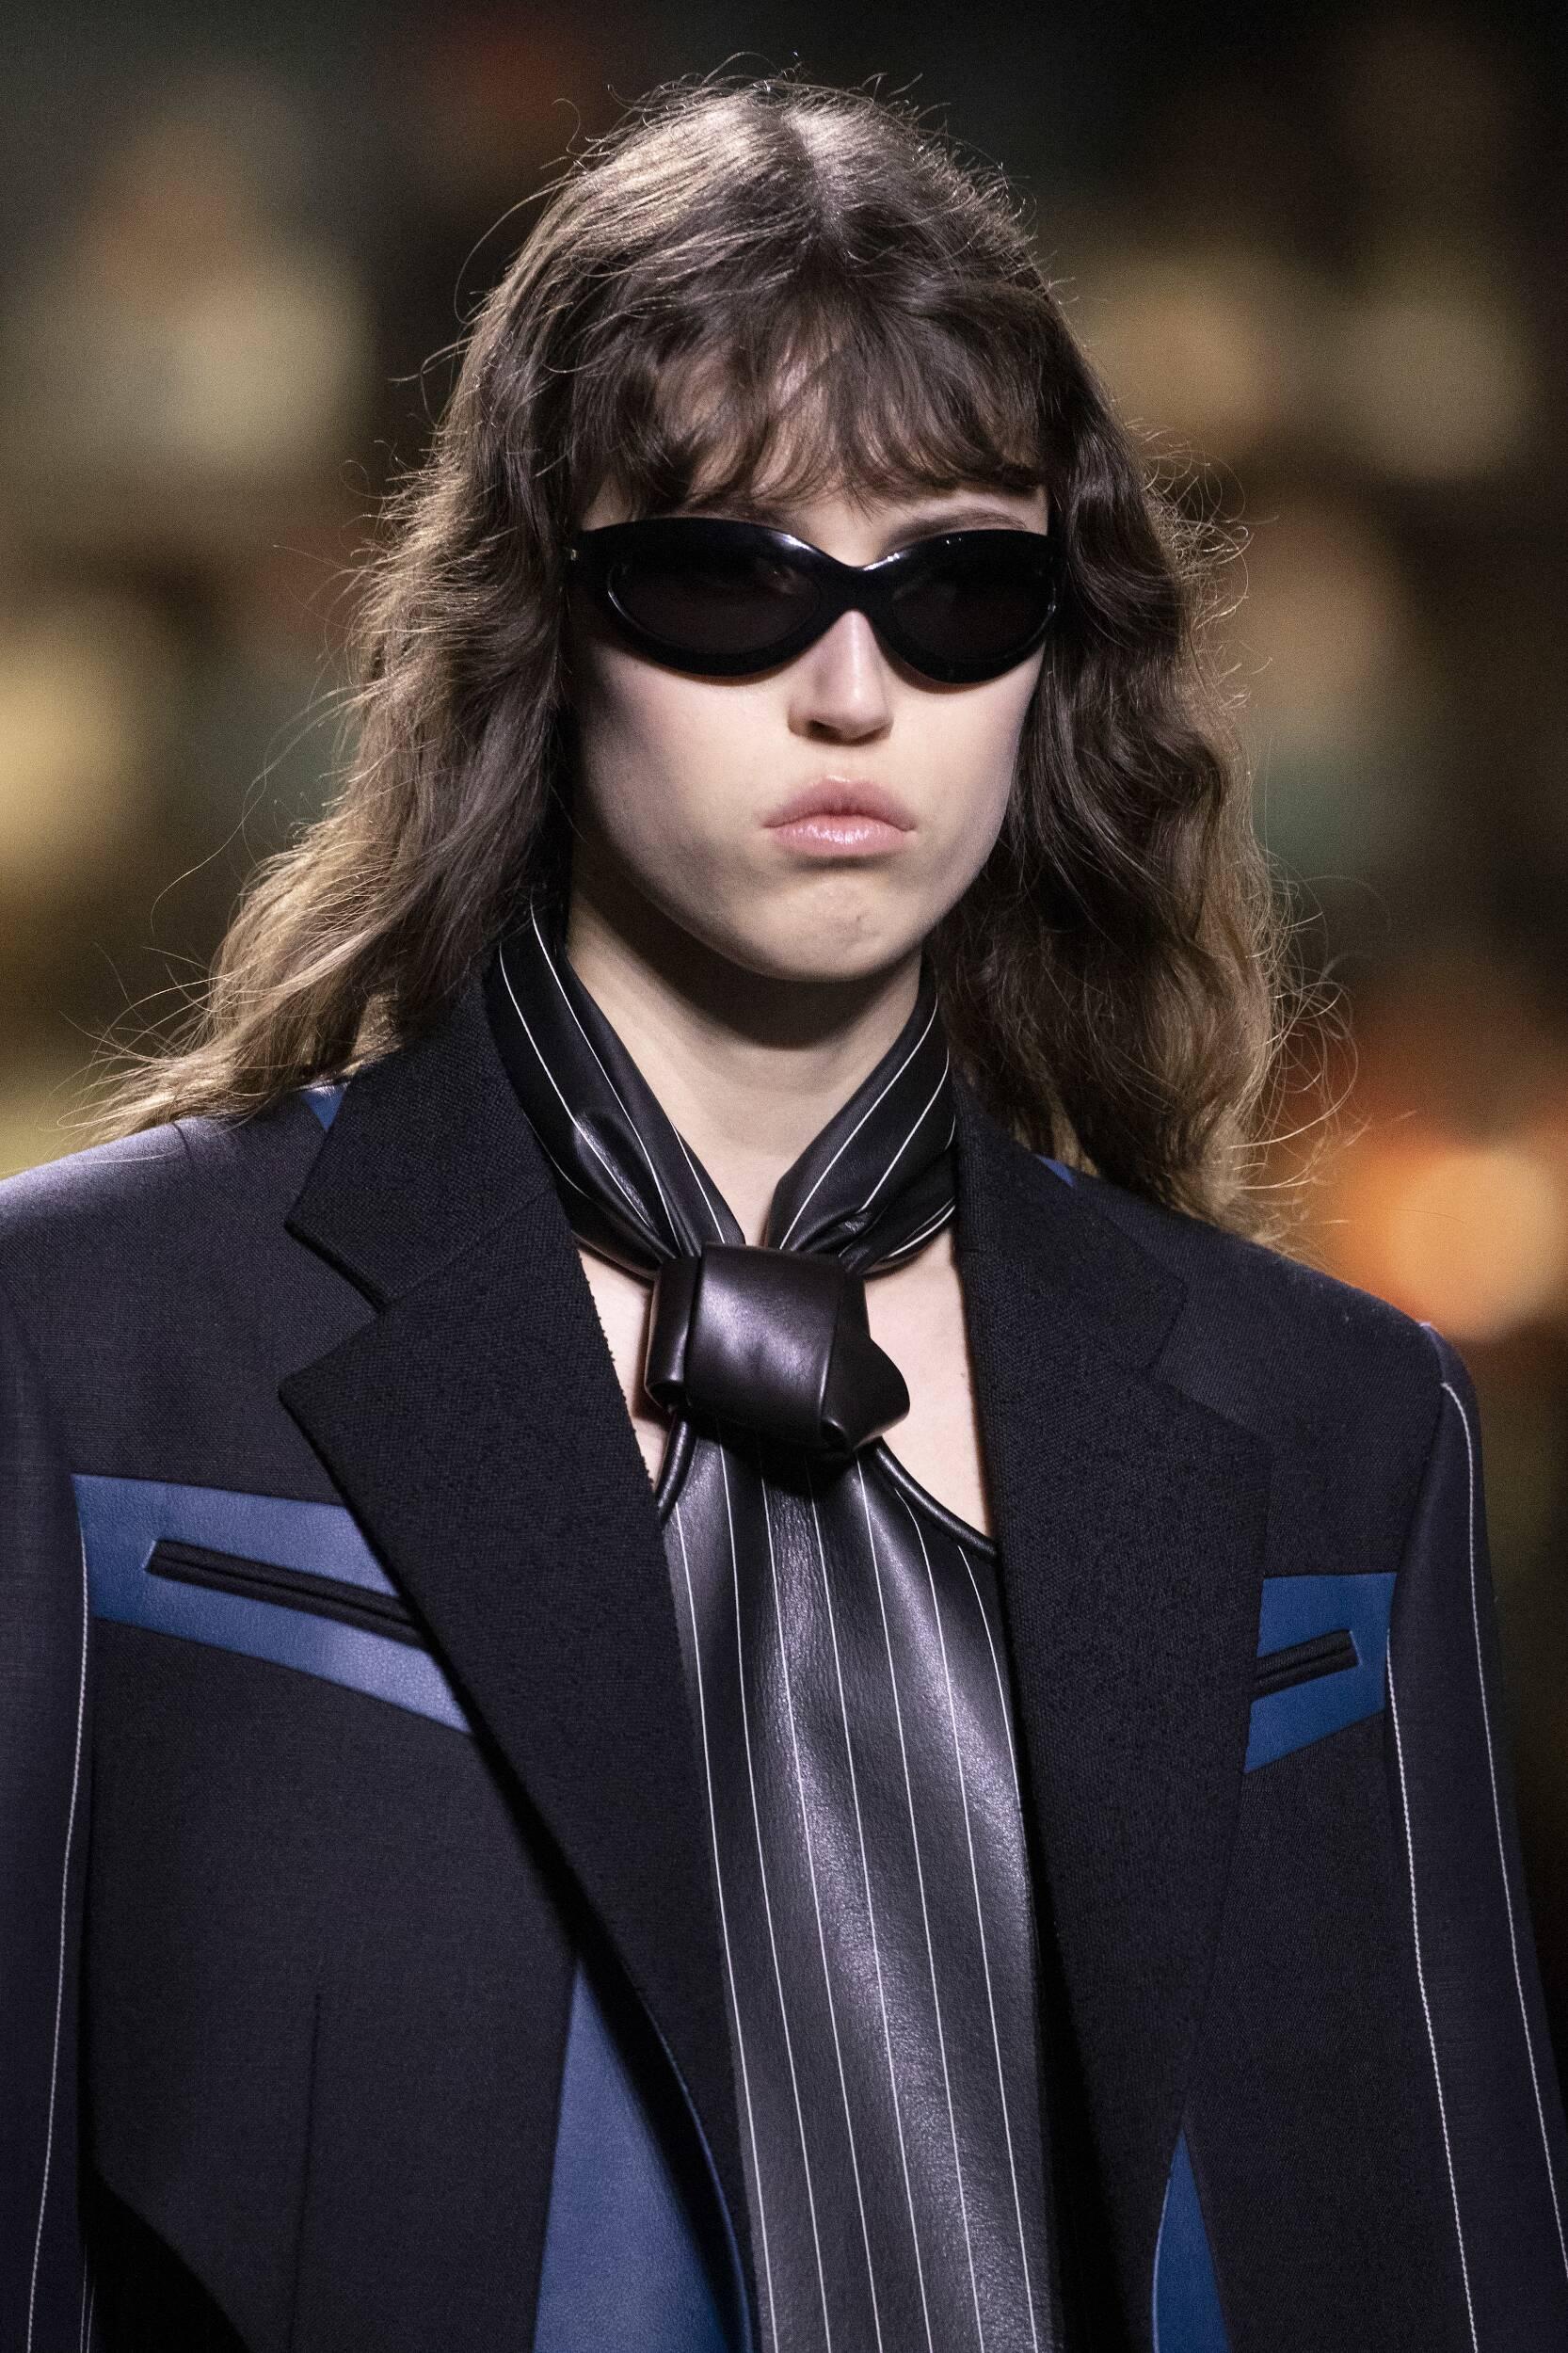 2020 Louis Vuitton Model Portrait